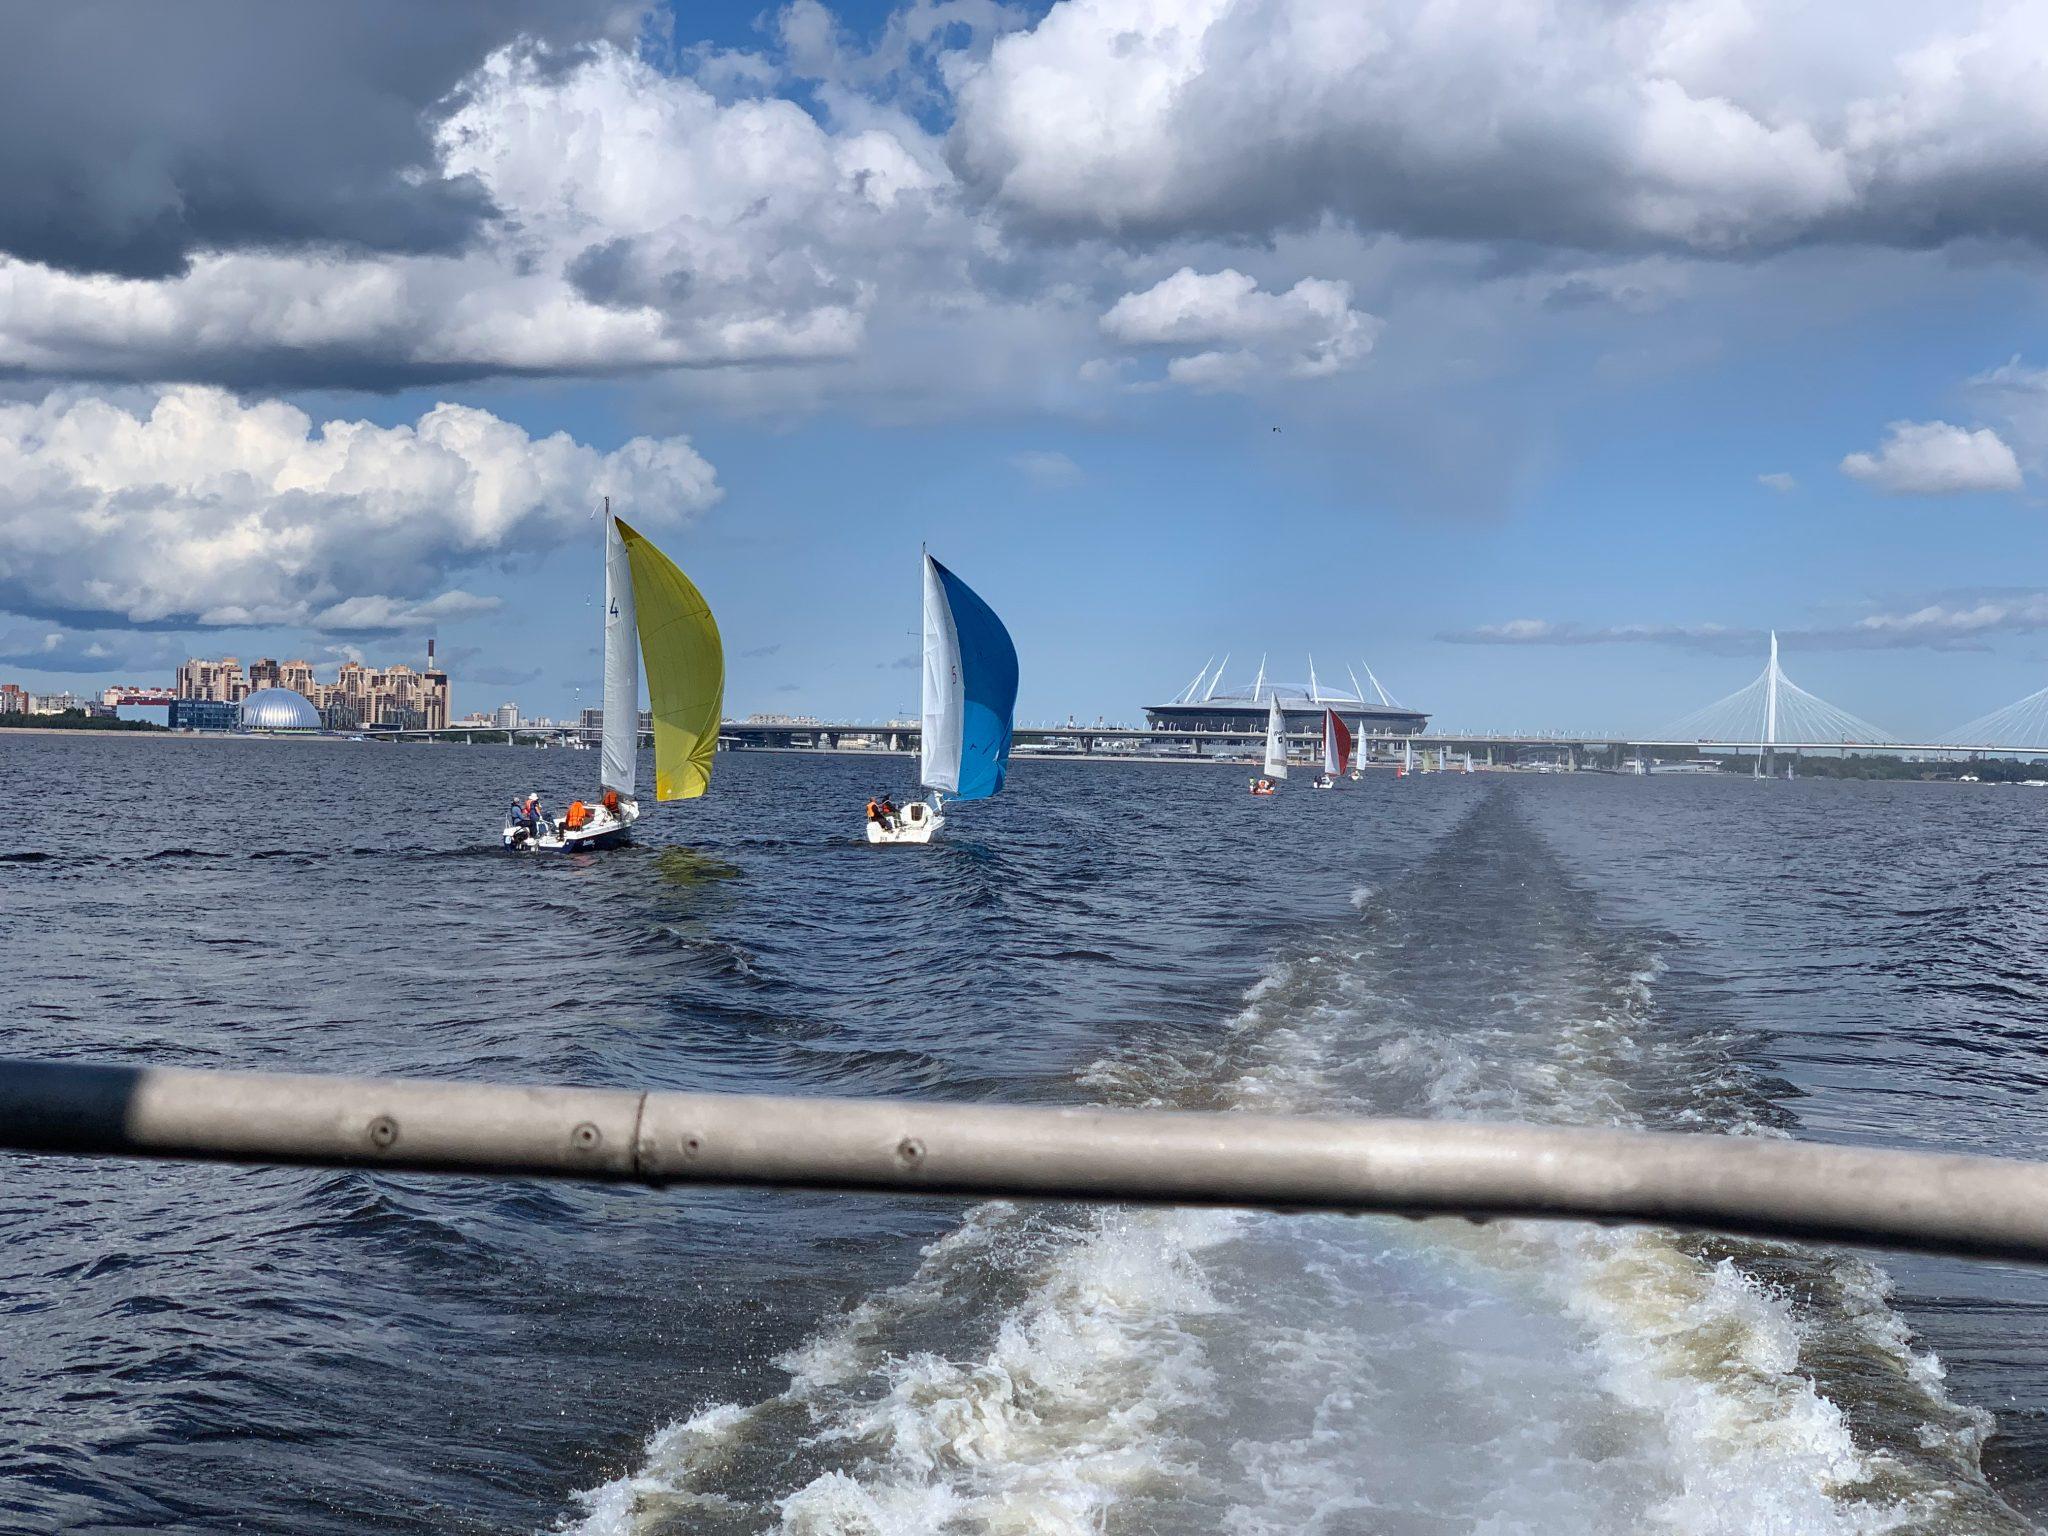 Sailboats Saint Petersburg